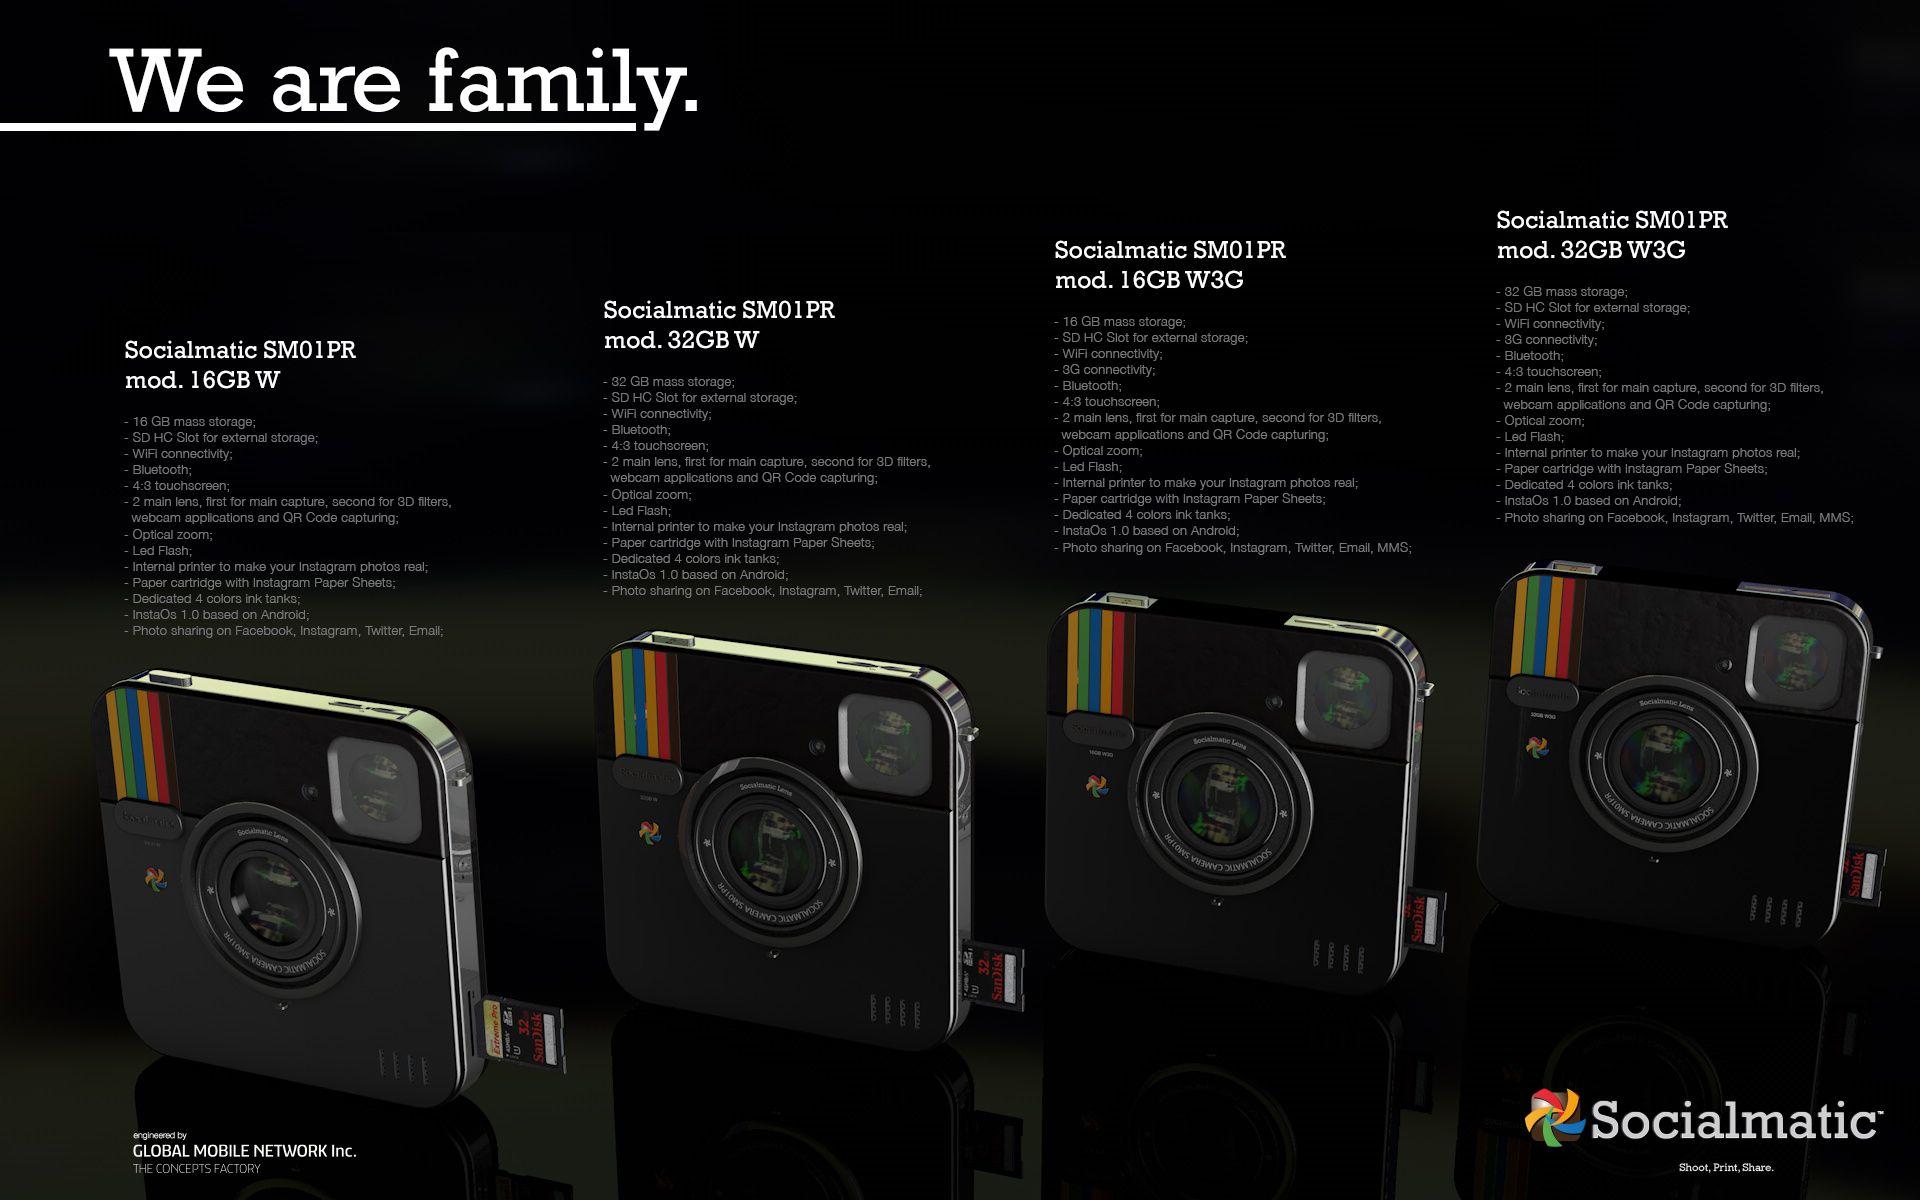 L'appareil photo Instagram-Polaroid devient réalité